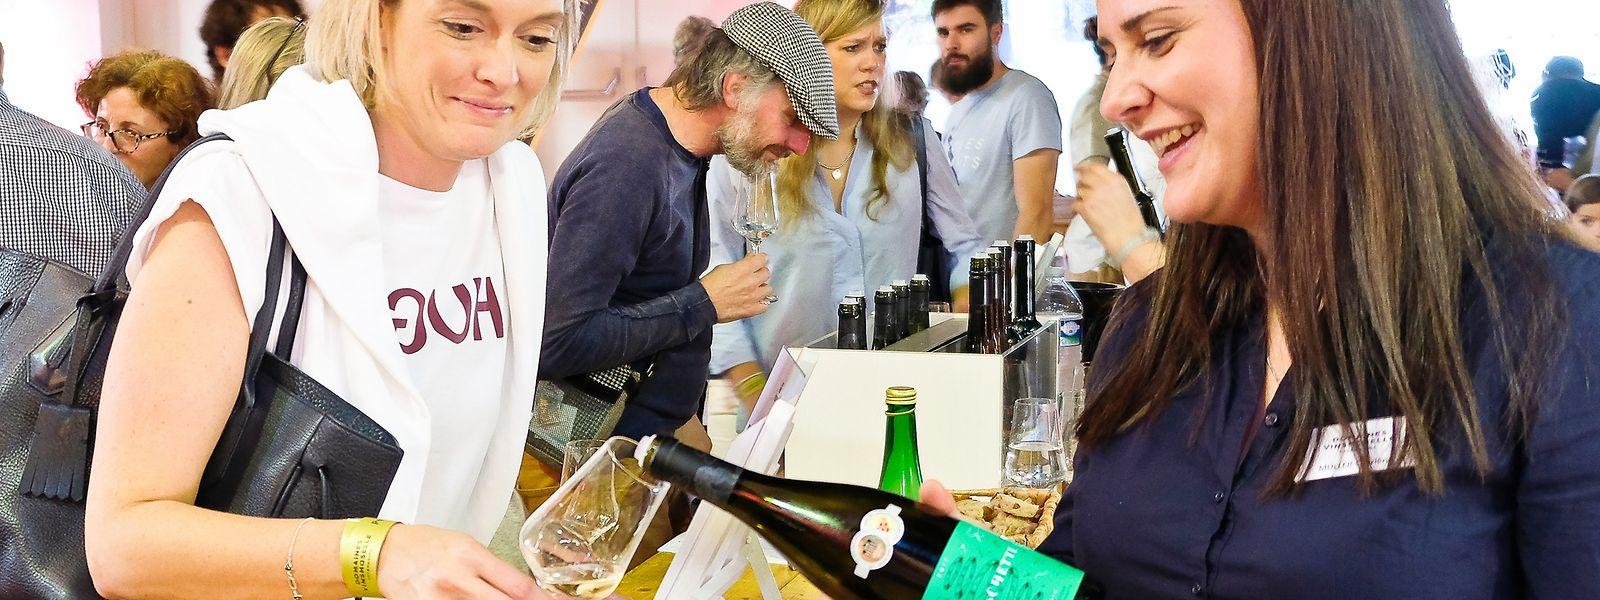 Beim Proufdag in Remerschen konnten Weinliebhaber im vergangenen Jahr noch die lokalen Weine und Crémants verkosten. In diesem Jahr ist das Fest virusbedingt abgesagt.